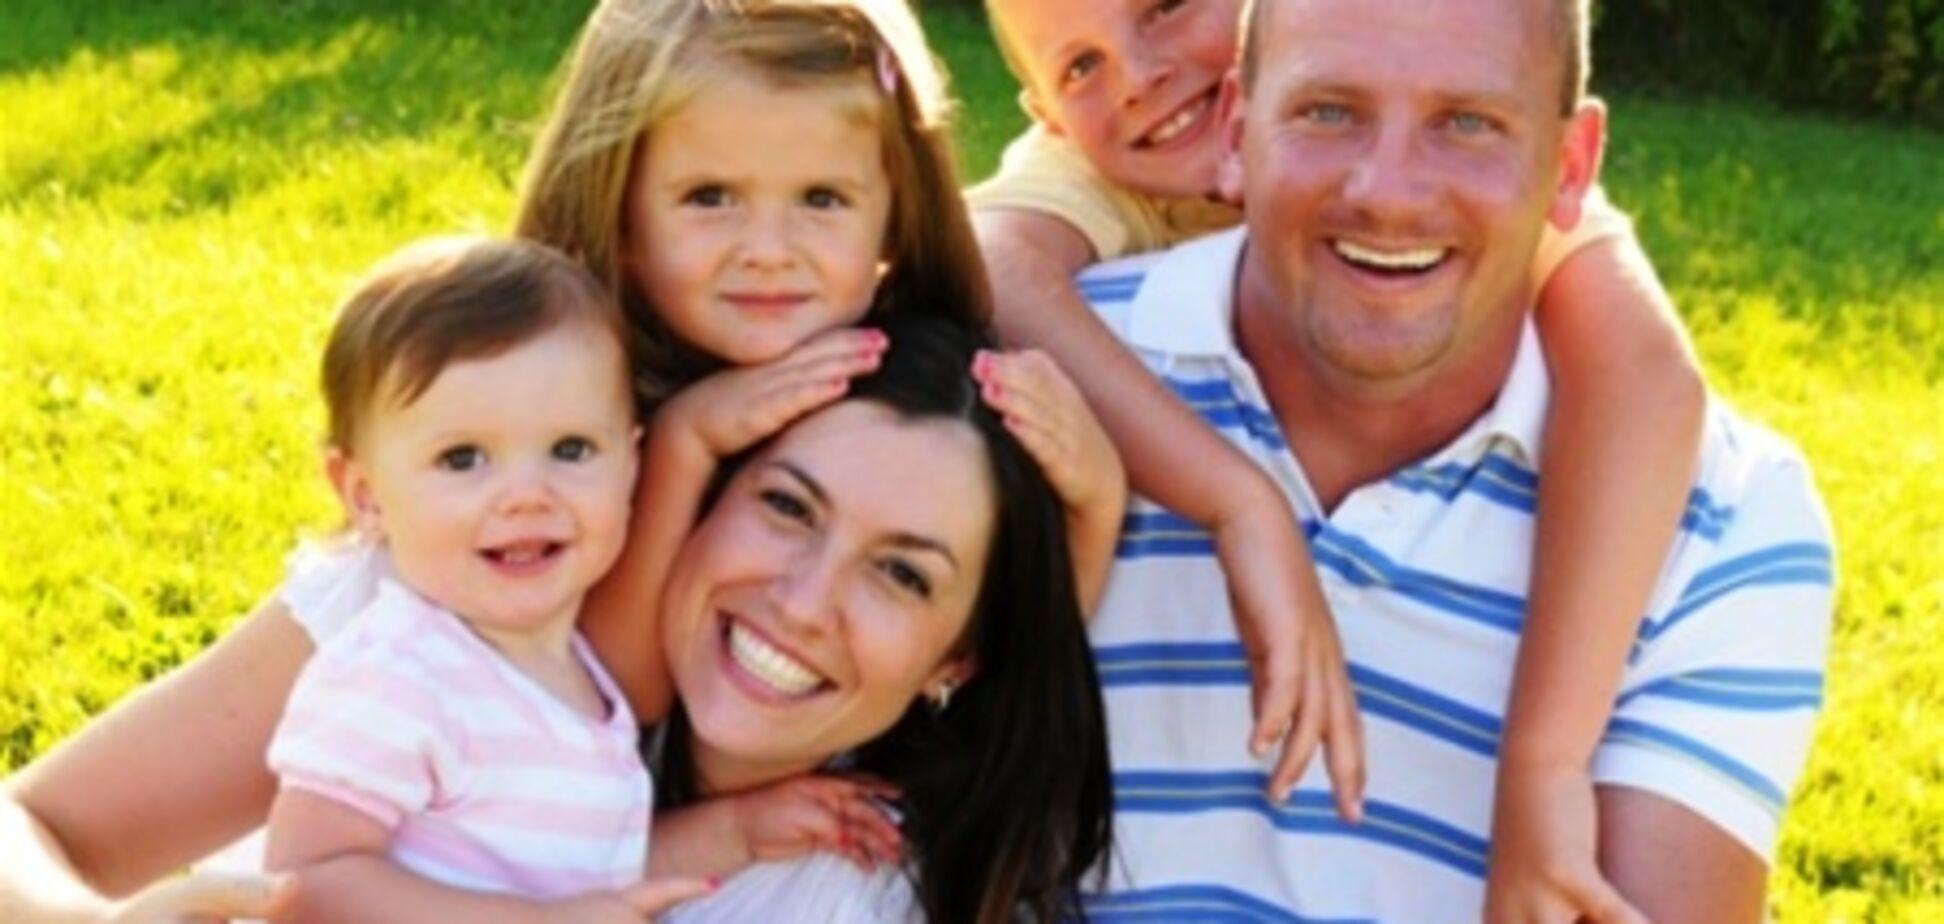 Скидка на ипотеку будет зависеть от количества детей в семье